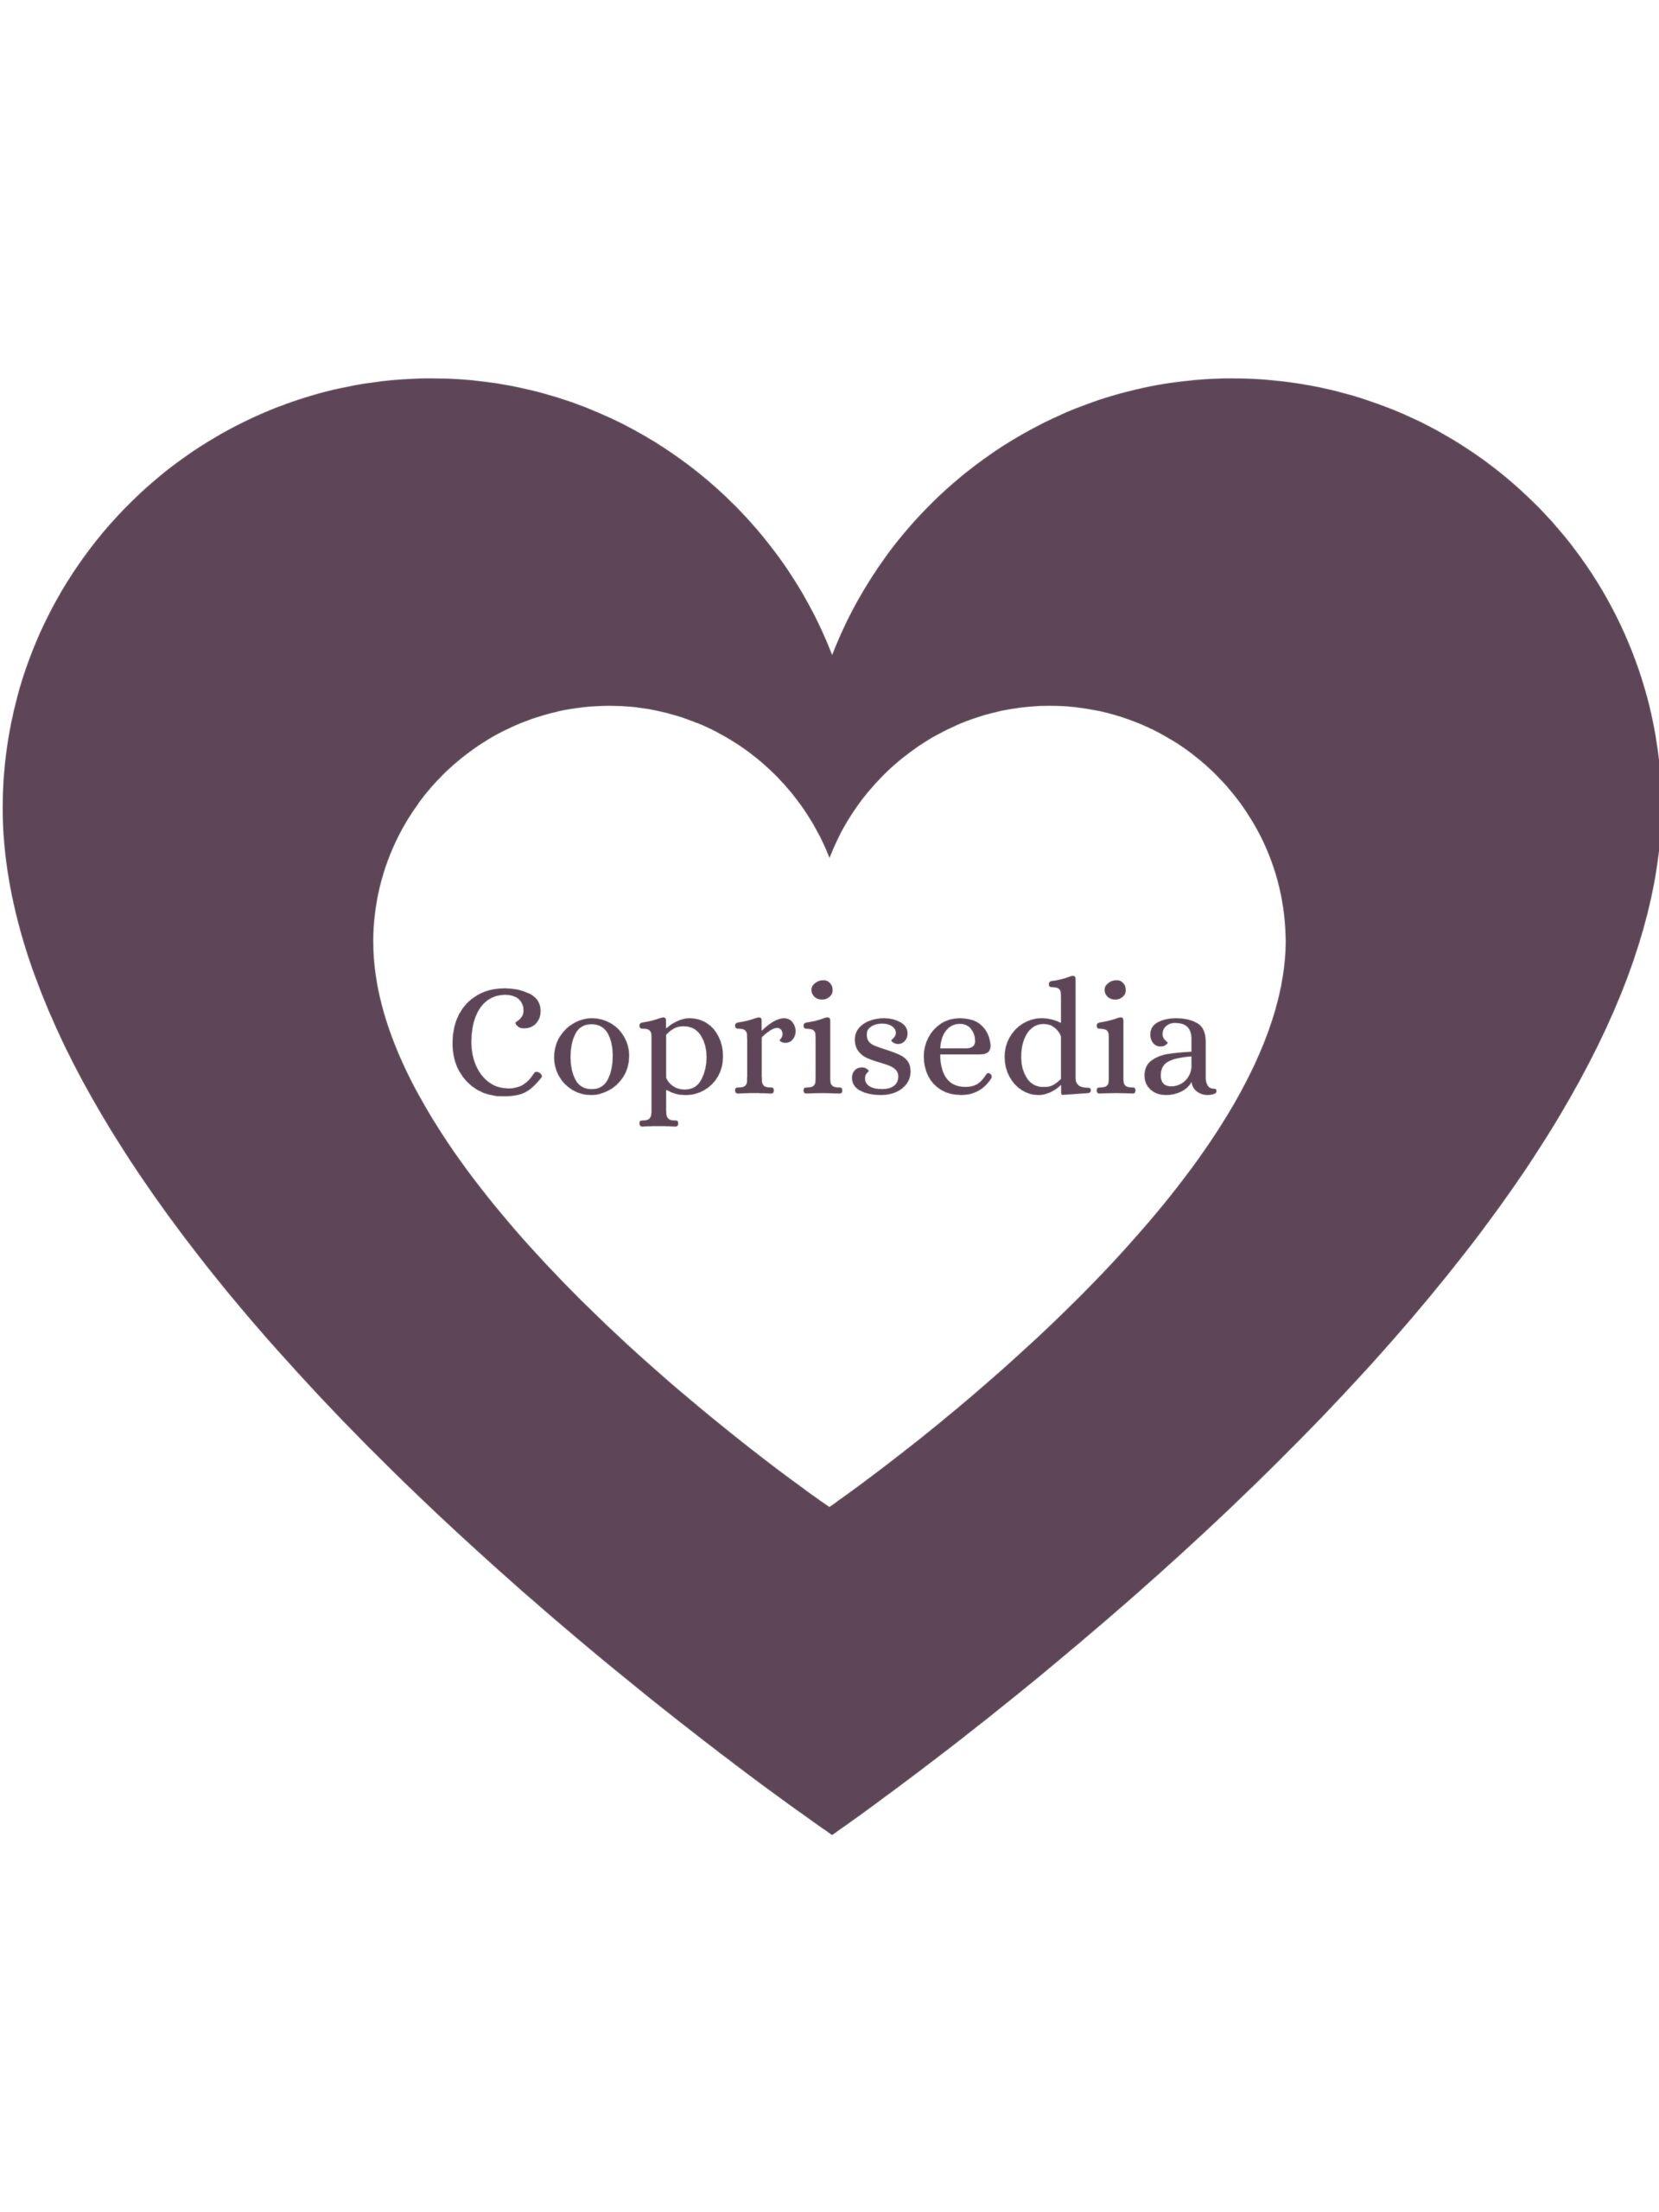 Coprisedia